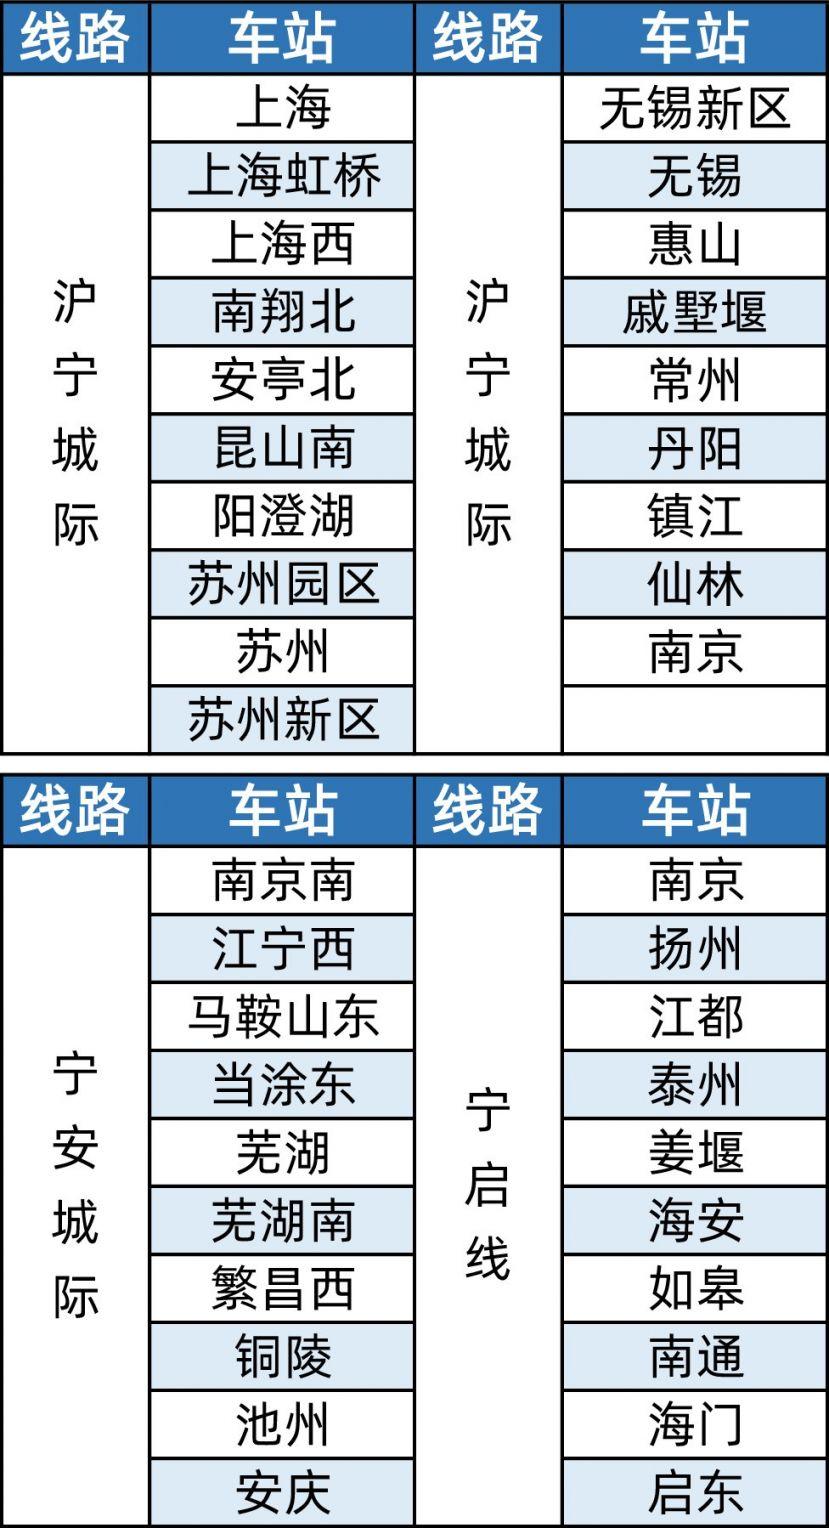 7月28日起长三角三条铁路试行铁路e卡通